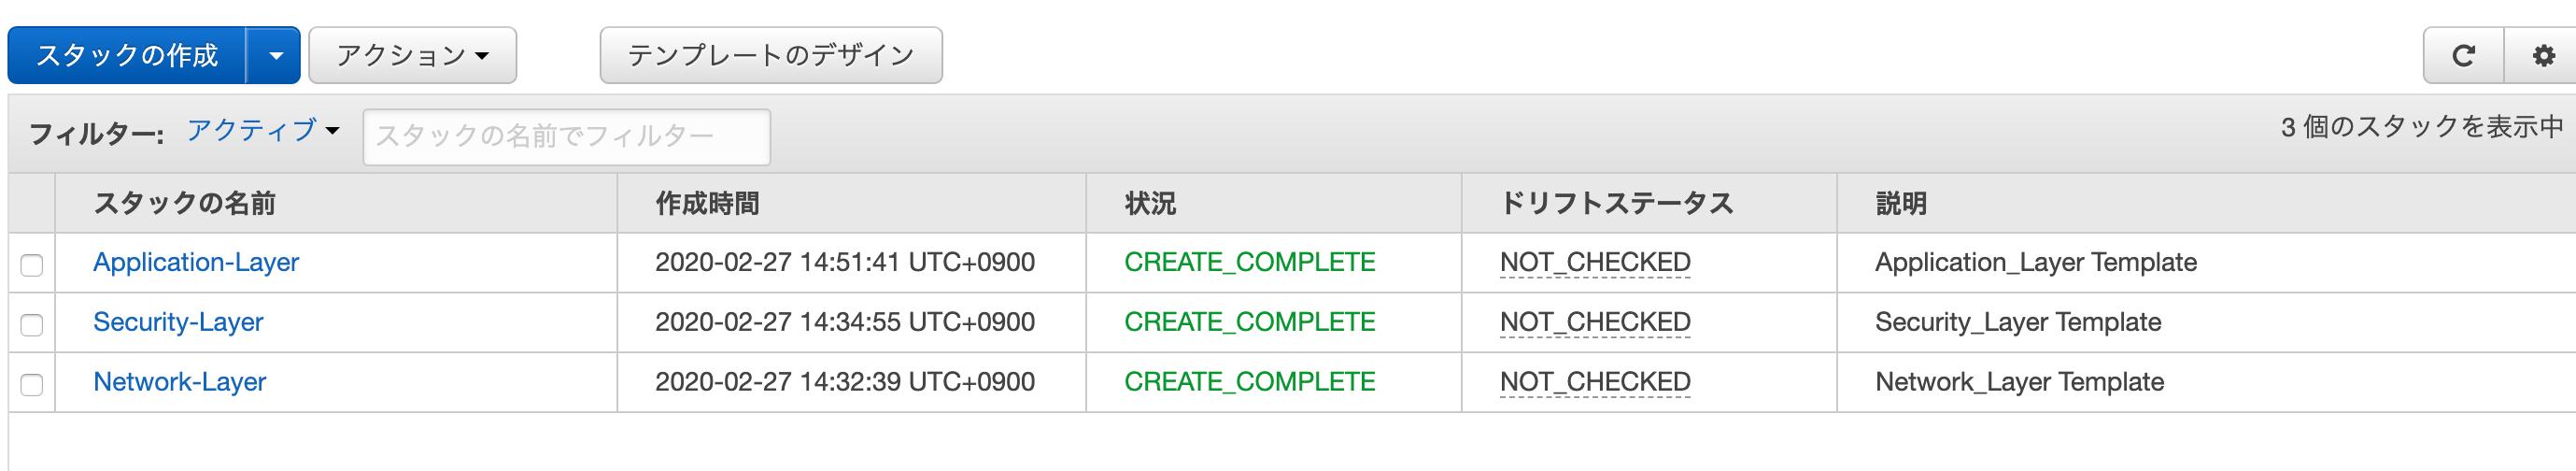 スクリーンショット 2020-02-27 15.23.33.png